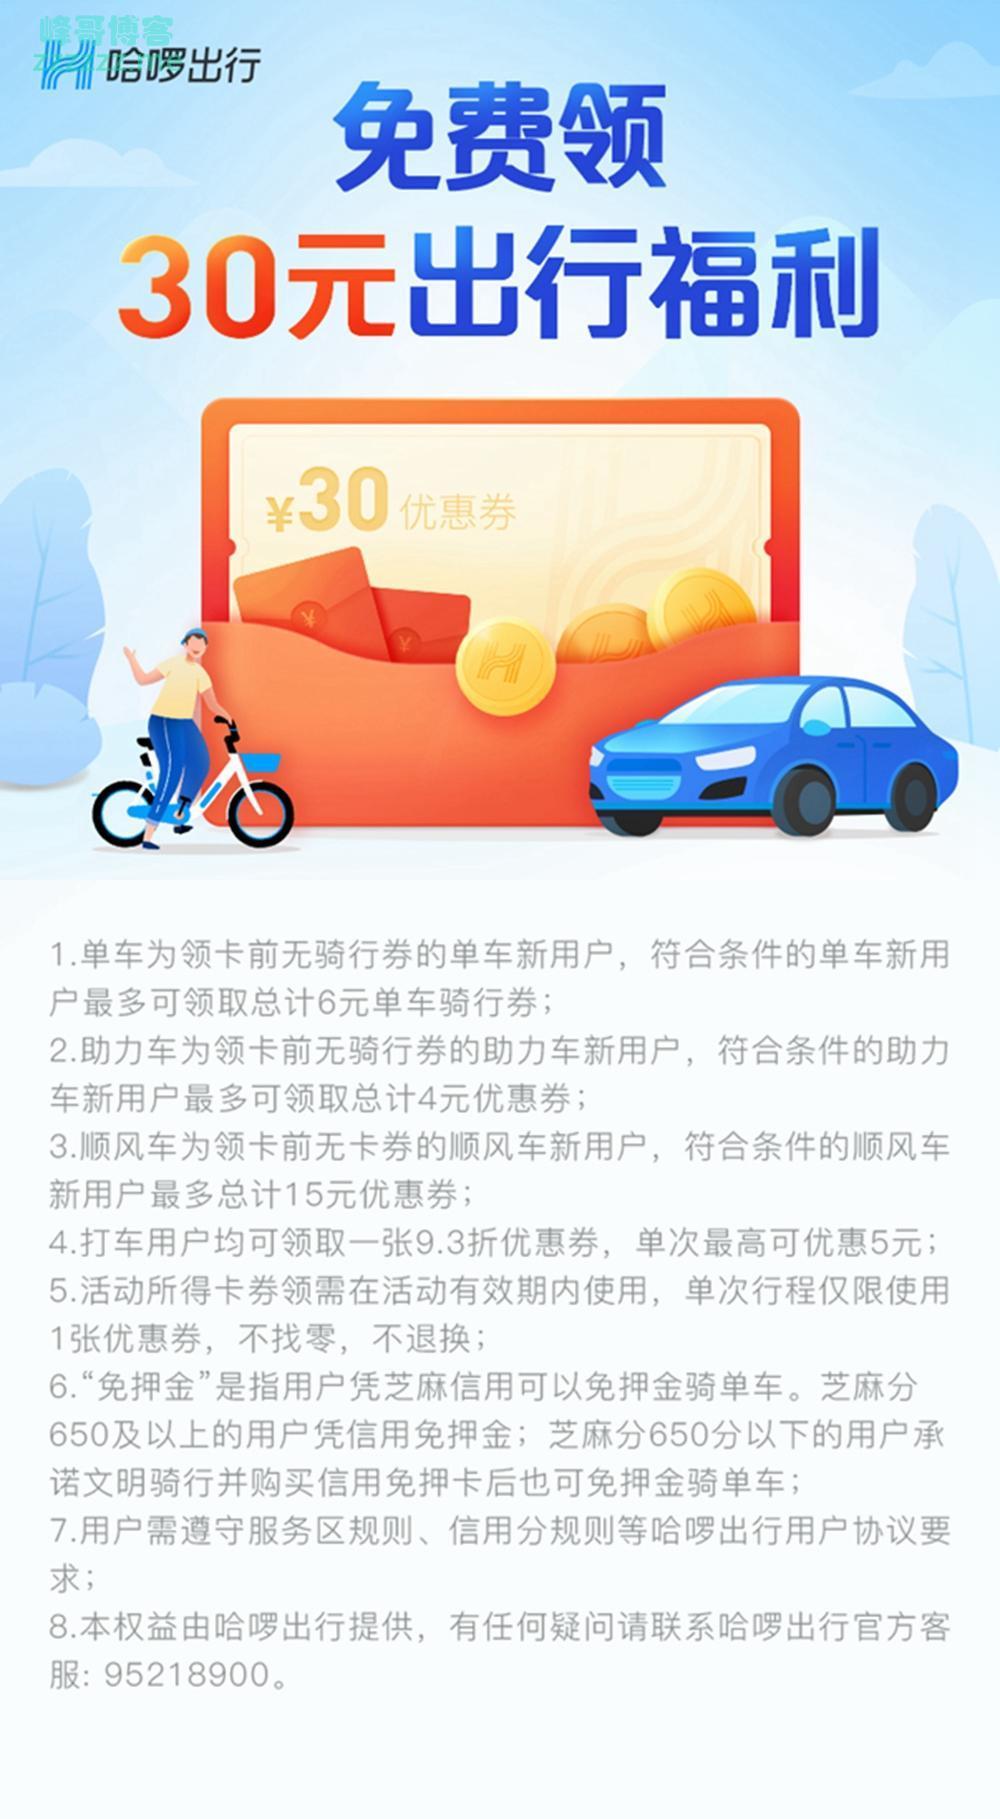 哈罗出行 哈罗单车最新活动领30元出行福利(单车骑行卡、助力车、顺风车)抵扣券